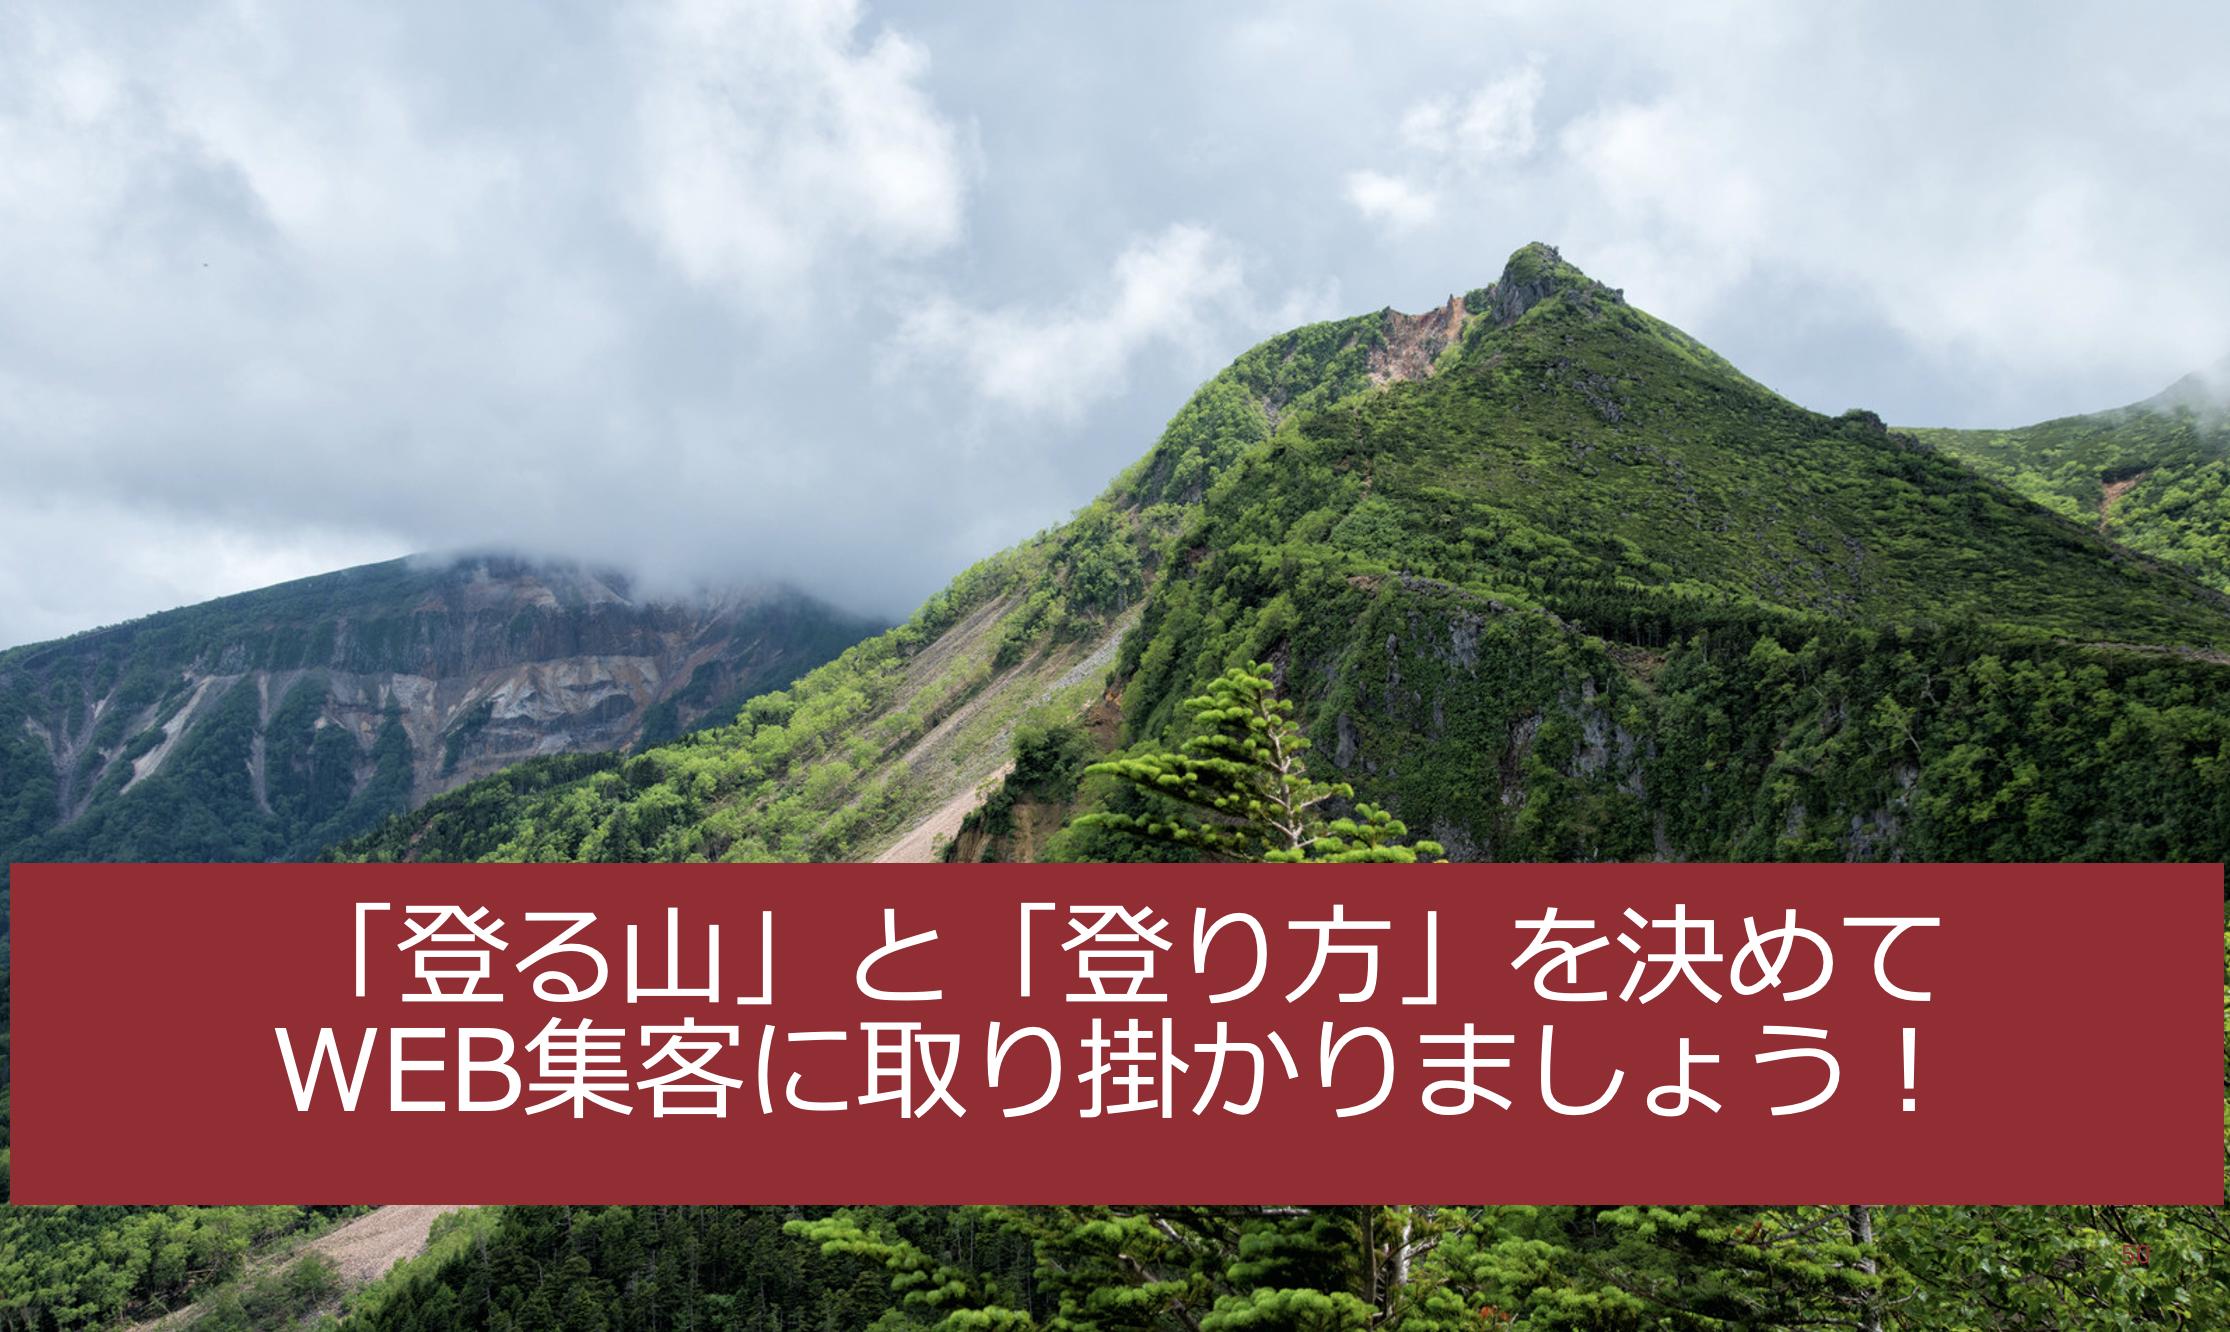 WEB集客は「登る山」と「登り方」を決めてから